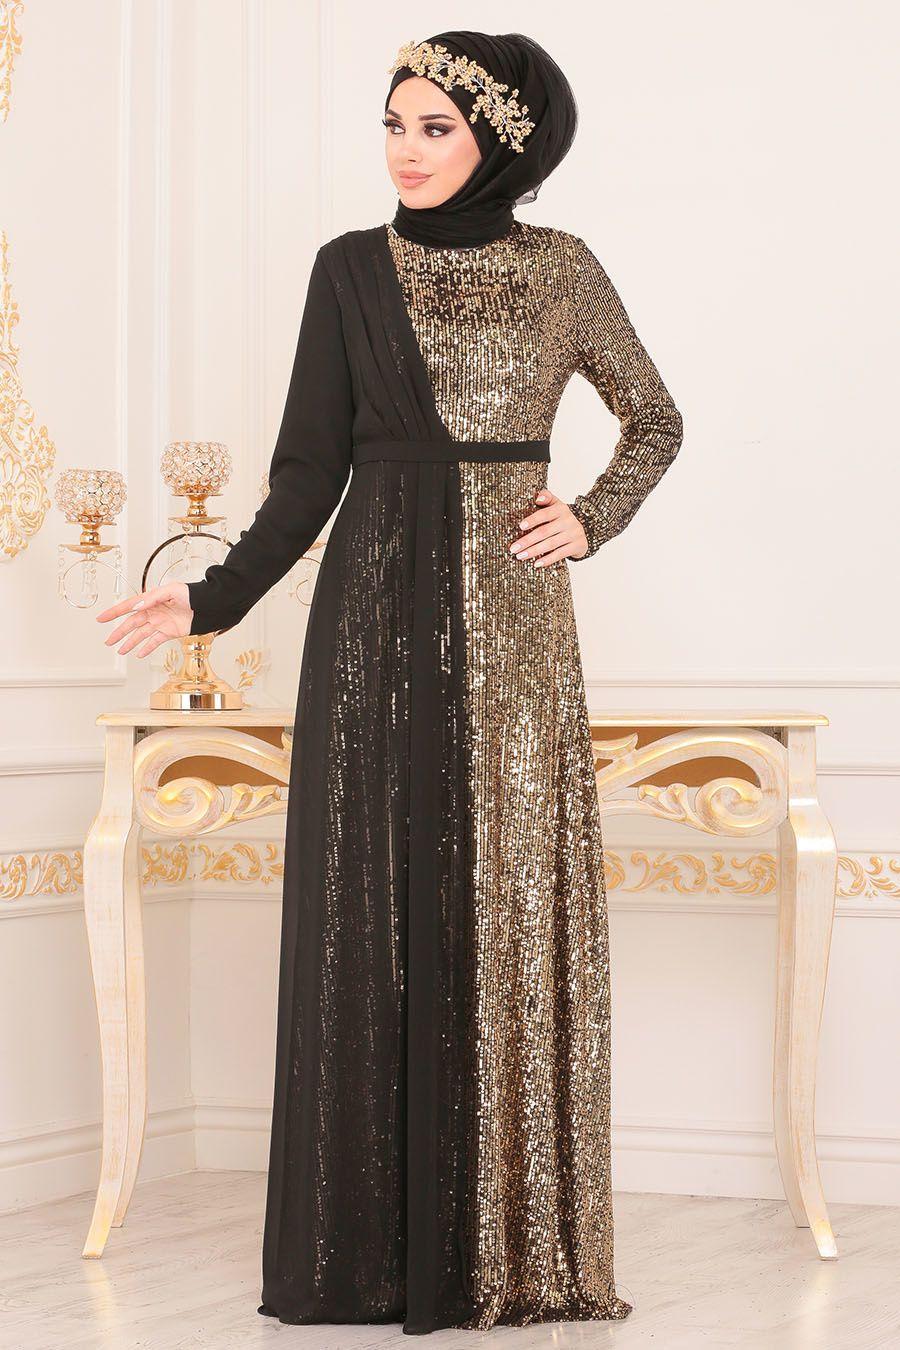 Tesetturlu Abiye Elbise Pul Payetli Gold Tesetturlu Abiye Elbise 85590gold Tesetturisland Com Moda Stilleri Elbise Kiyafet